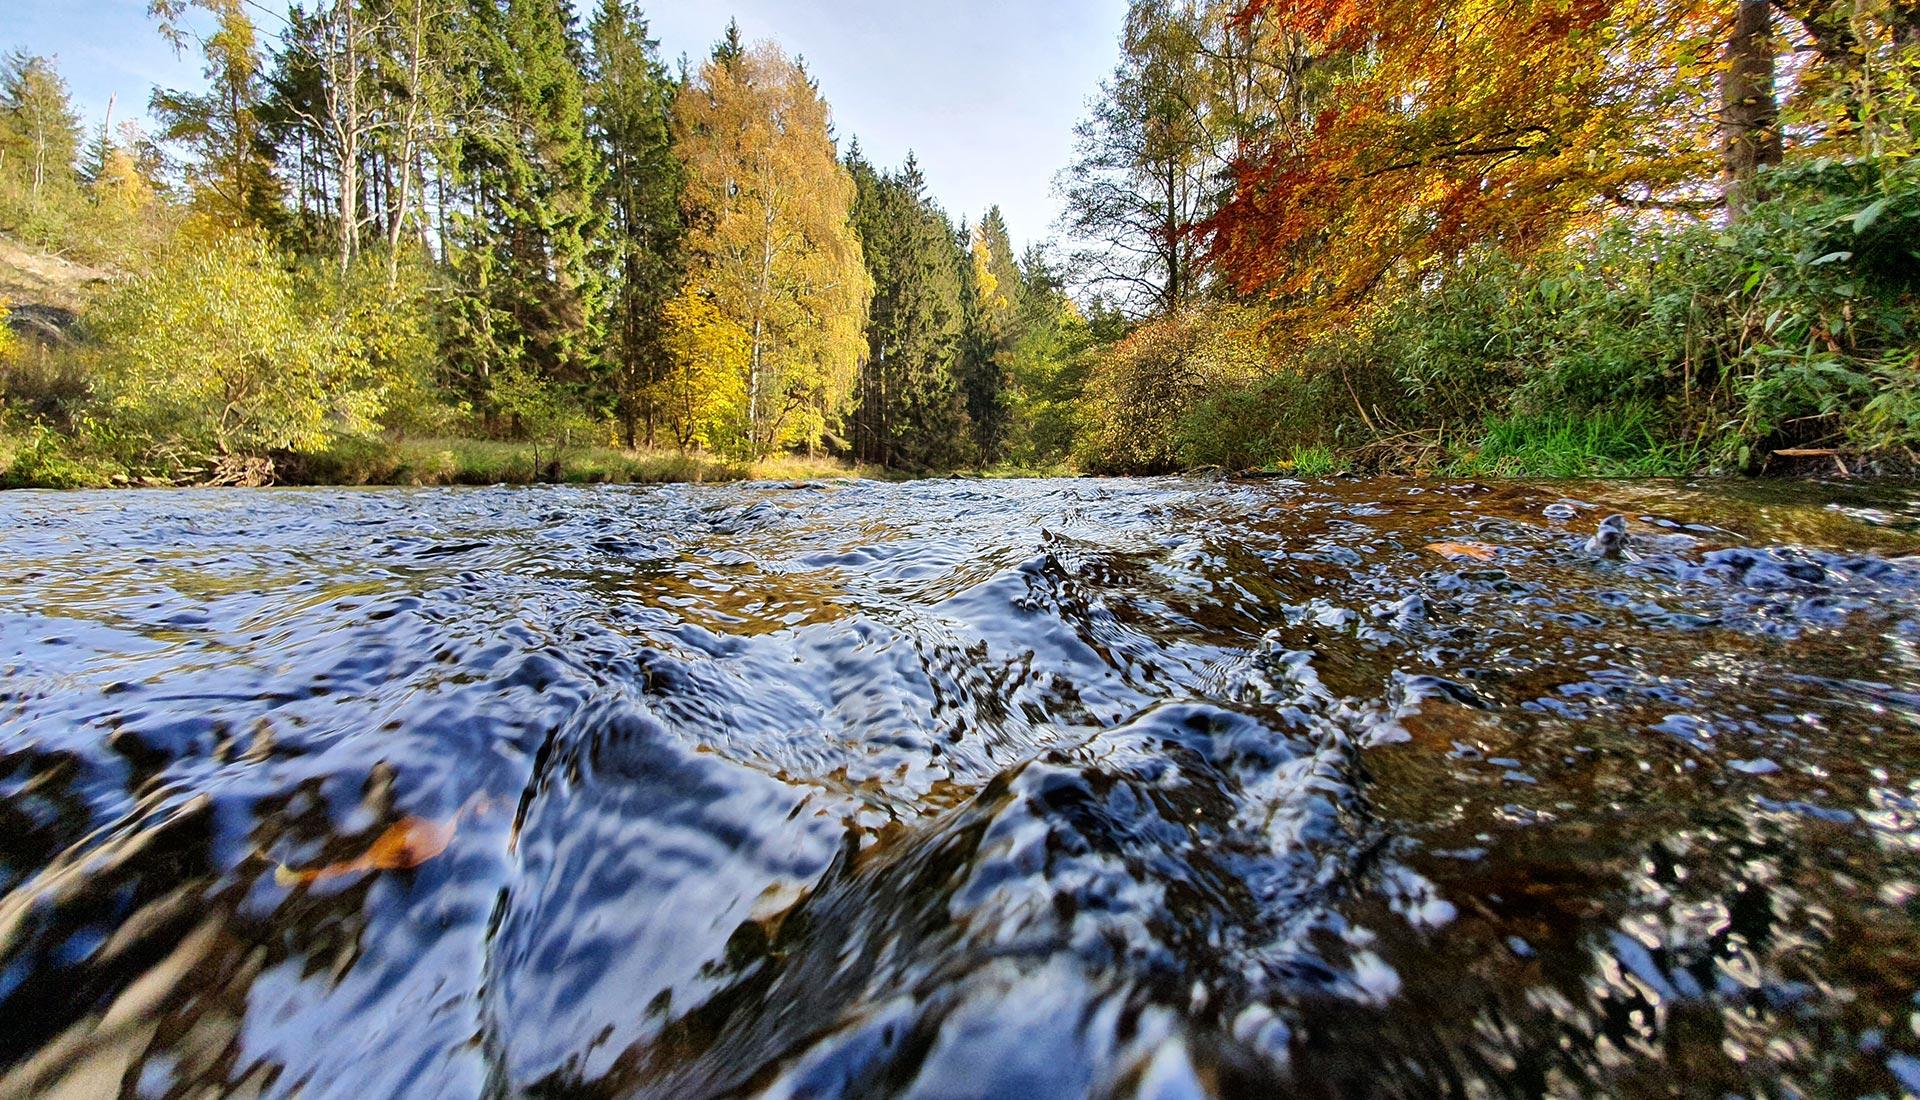 Büro für Naturschutz-, Gewässer-und Fischereifragen